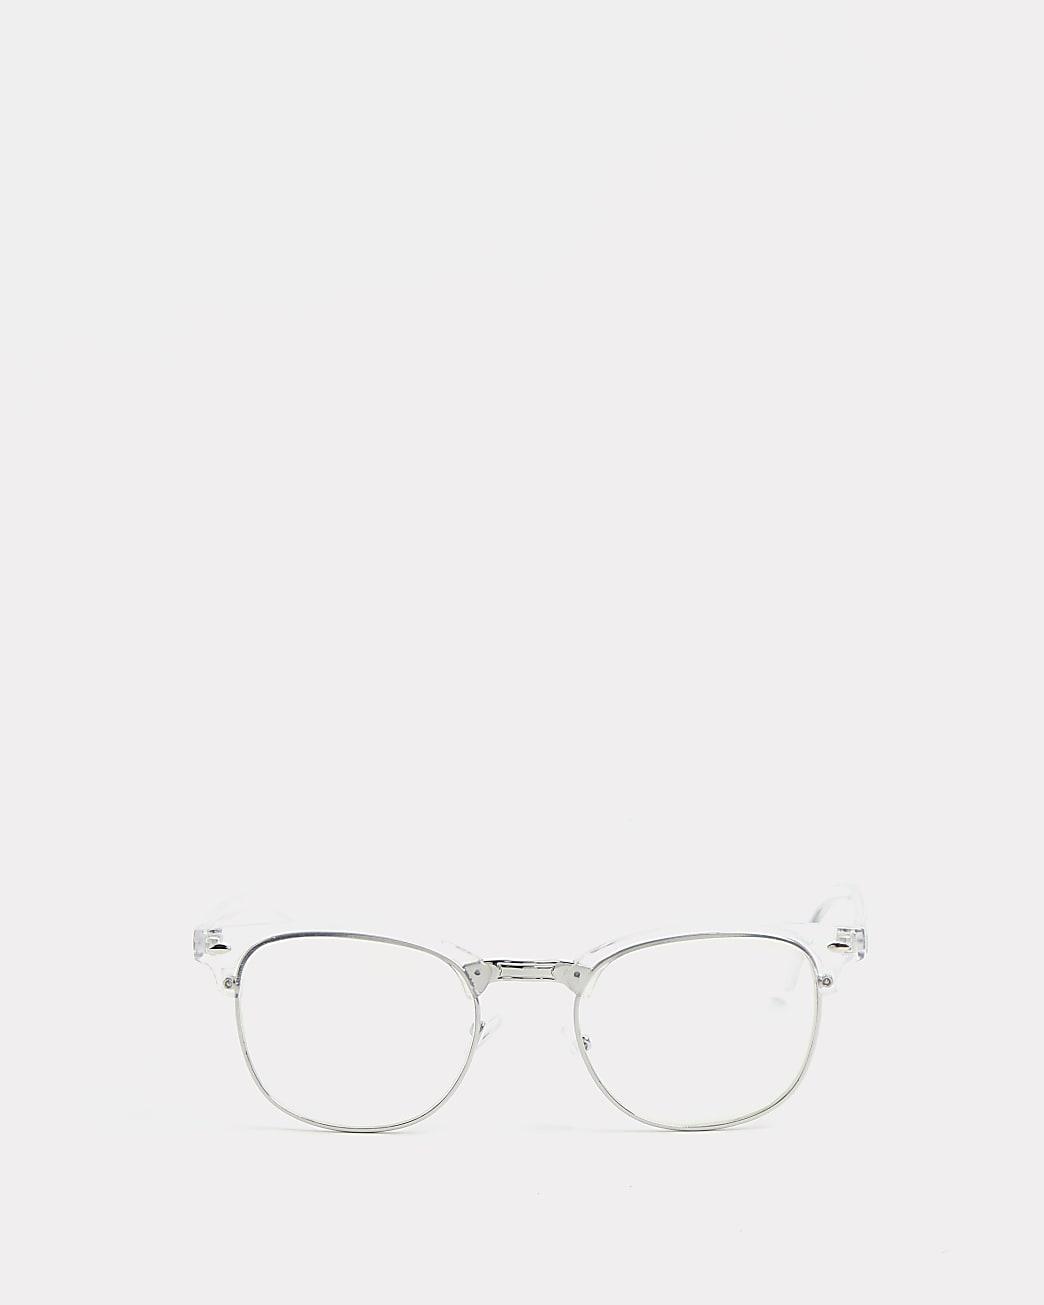 Clear frame blue light glasses